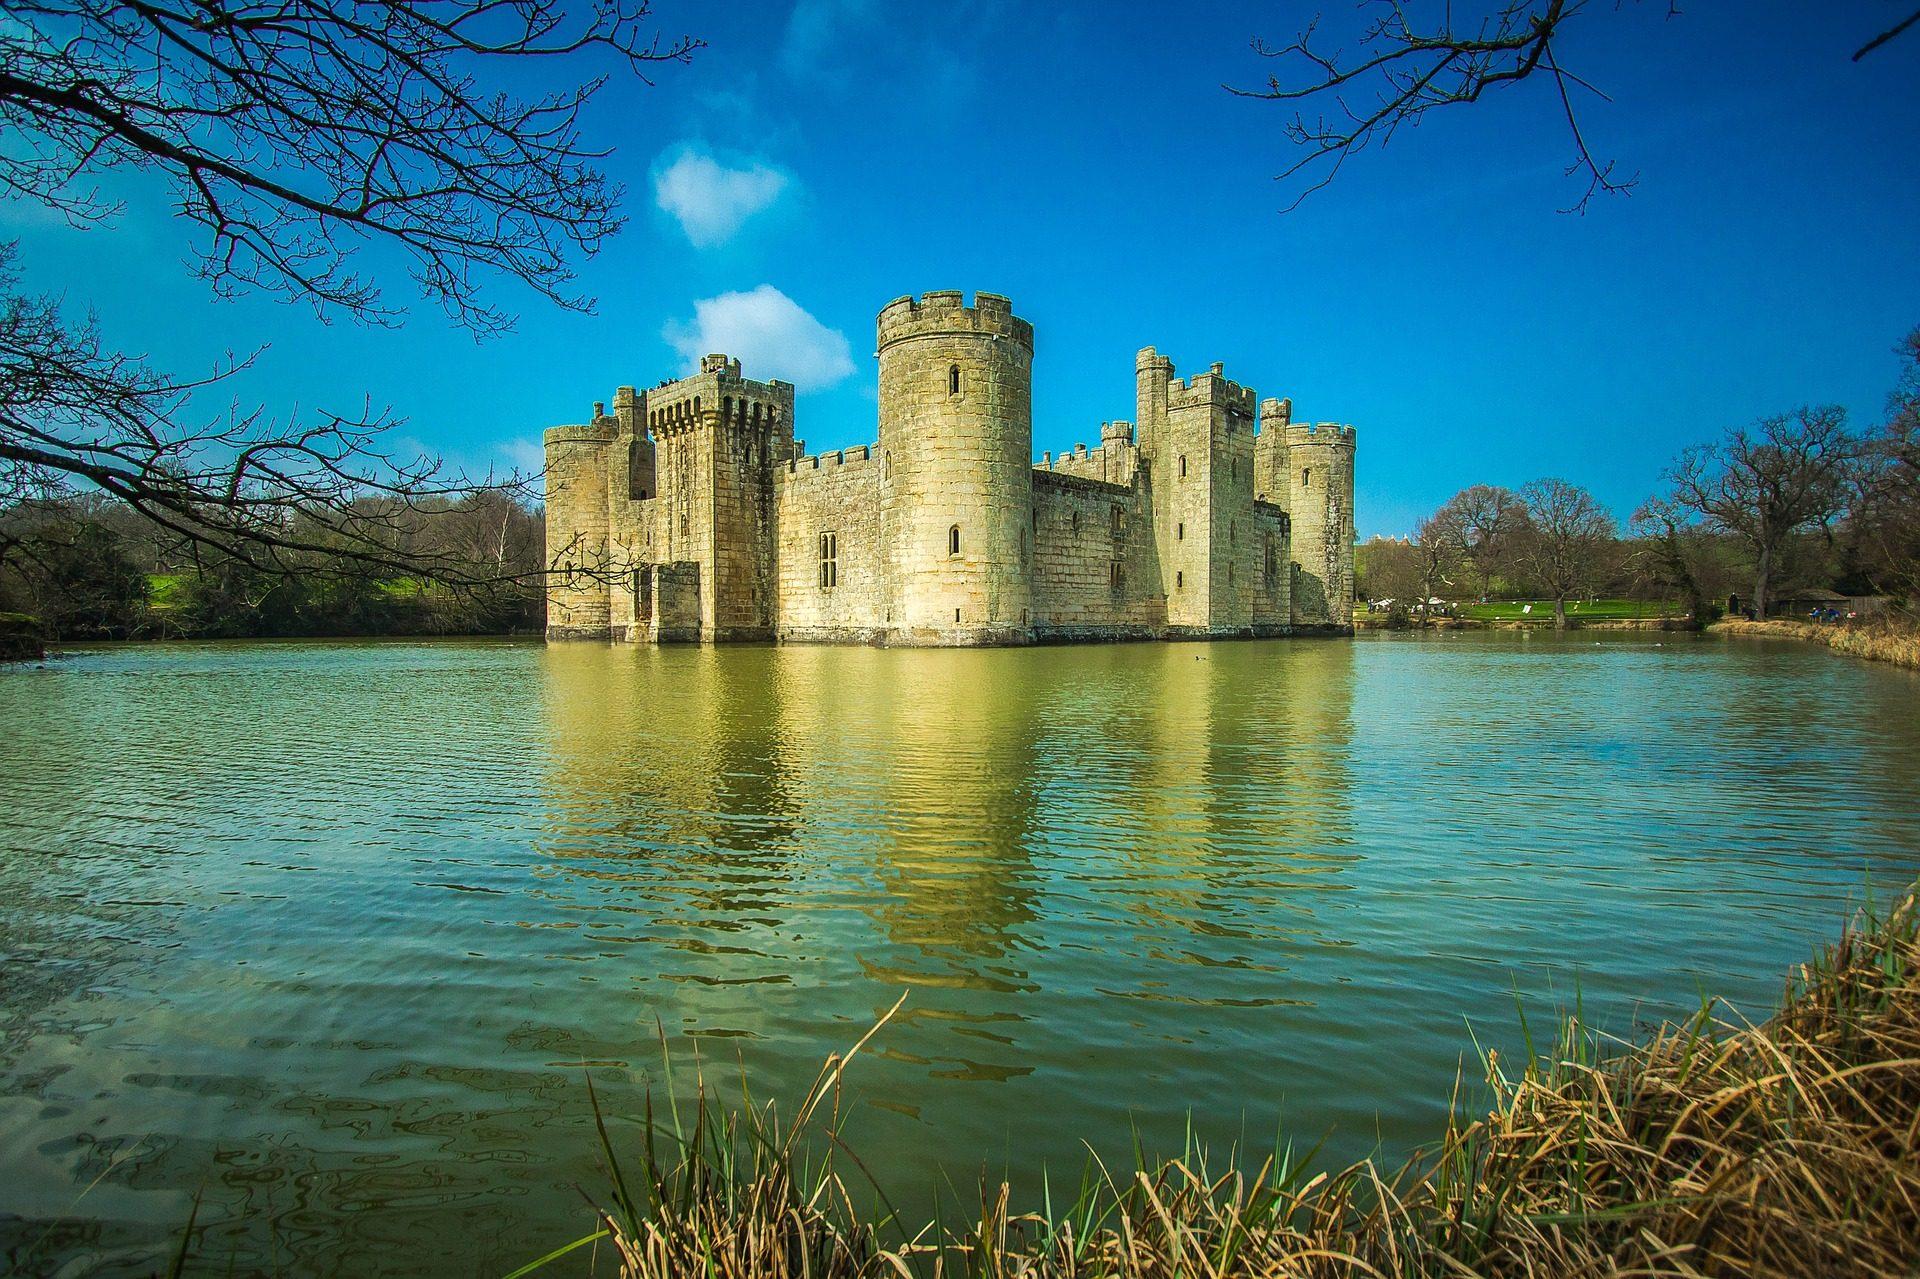 Κάστρο, Φρούριο, Λίμνη, Μπόντιαμ, Αγγλία - Wallpapers HD - Professor-falken.com